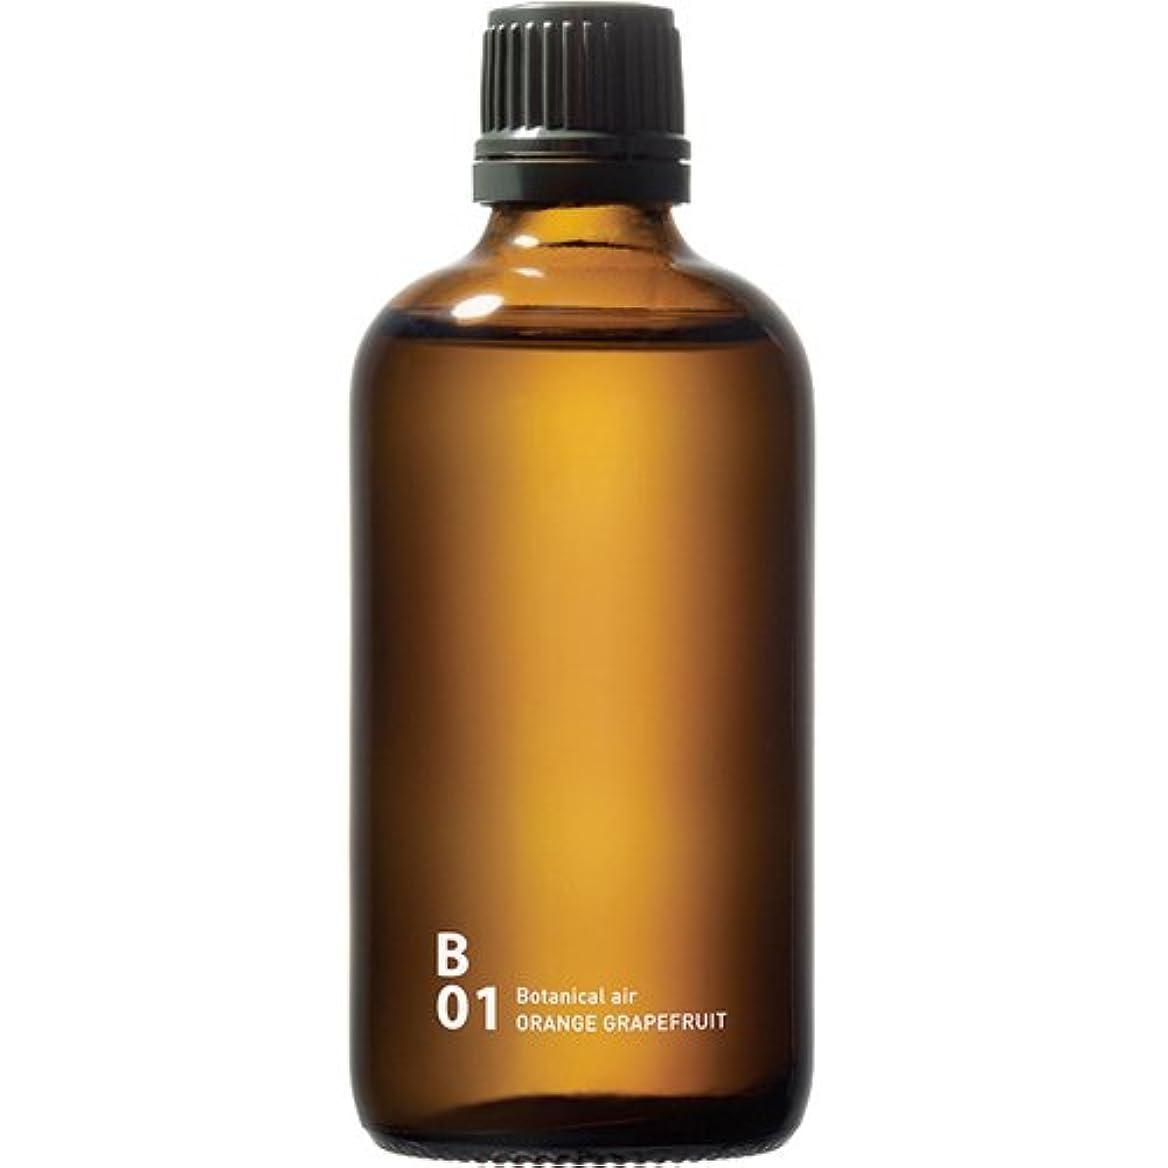 B01 ORANGE GRAPEFRUIT piezo aroma oil 100ml